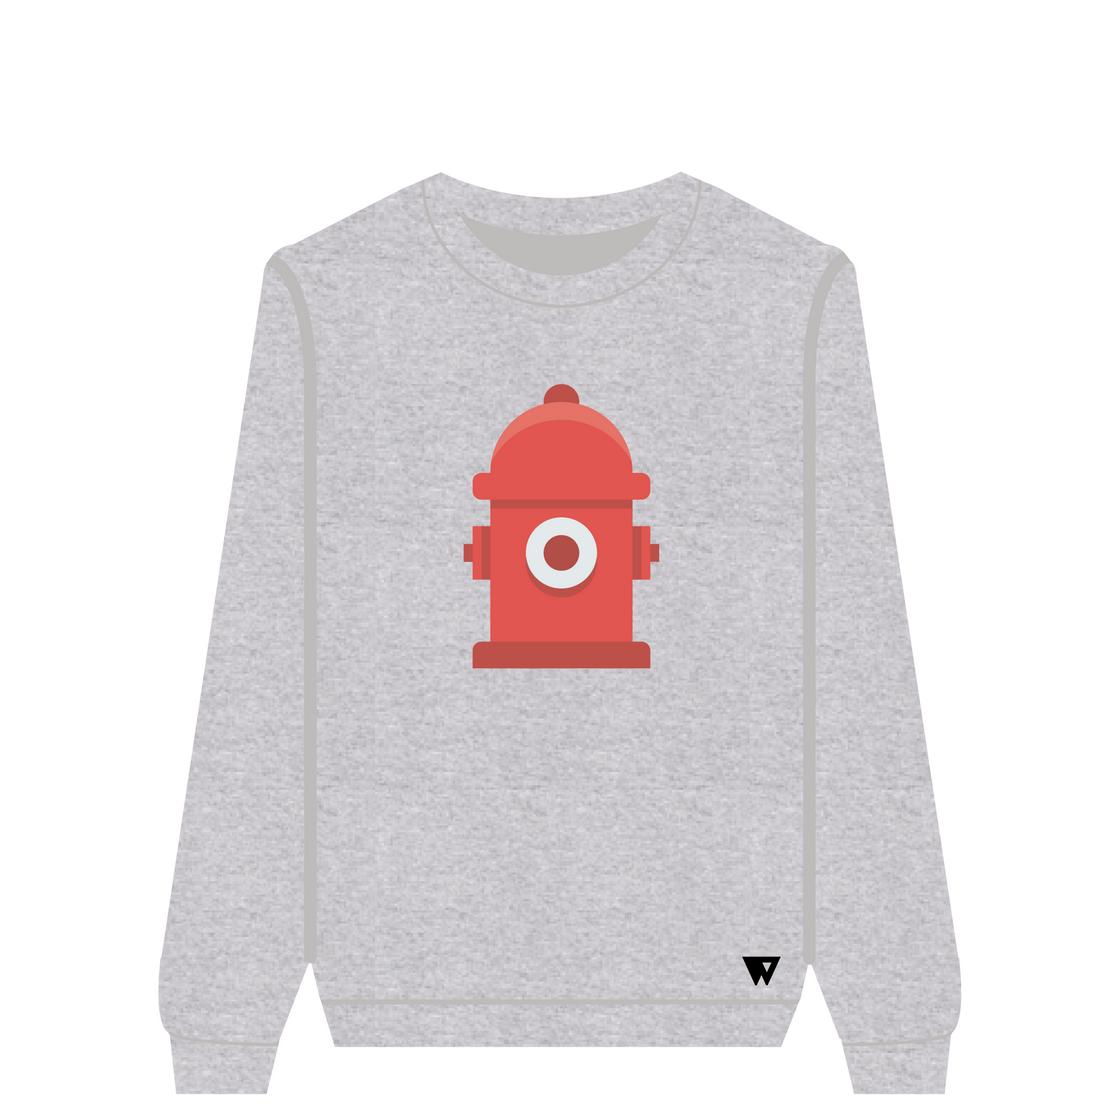 Sweatshirt Fire Hydrant | Wuzzee